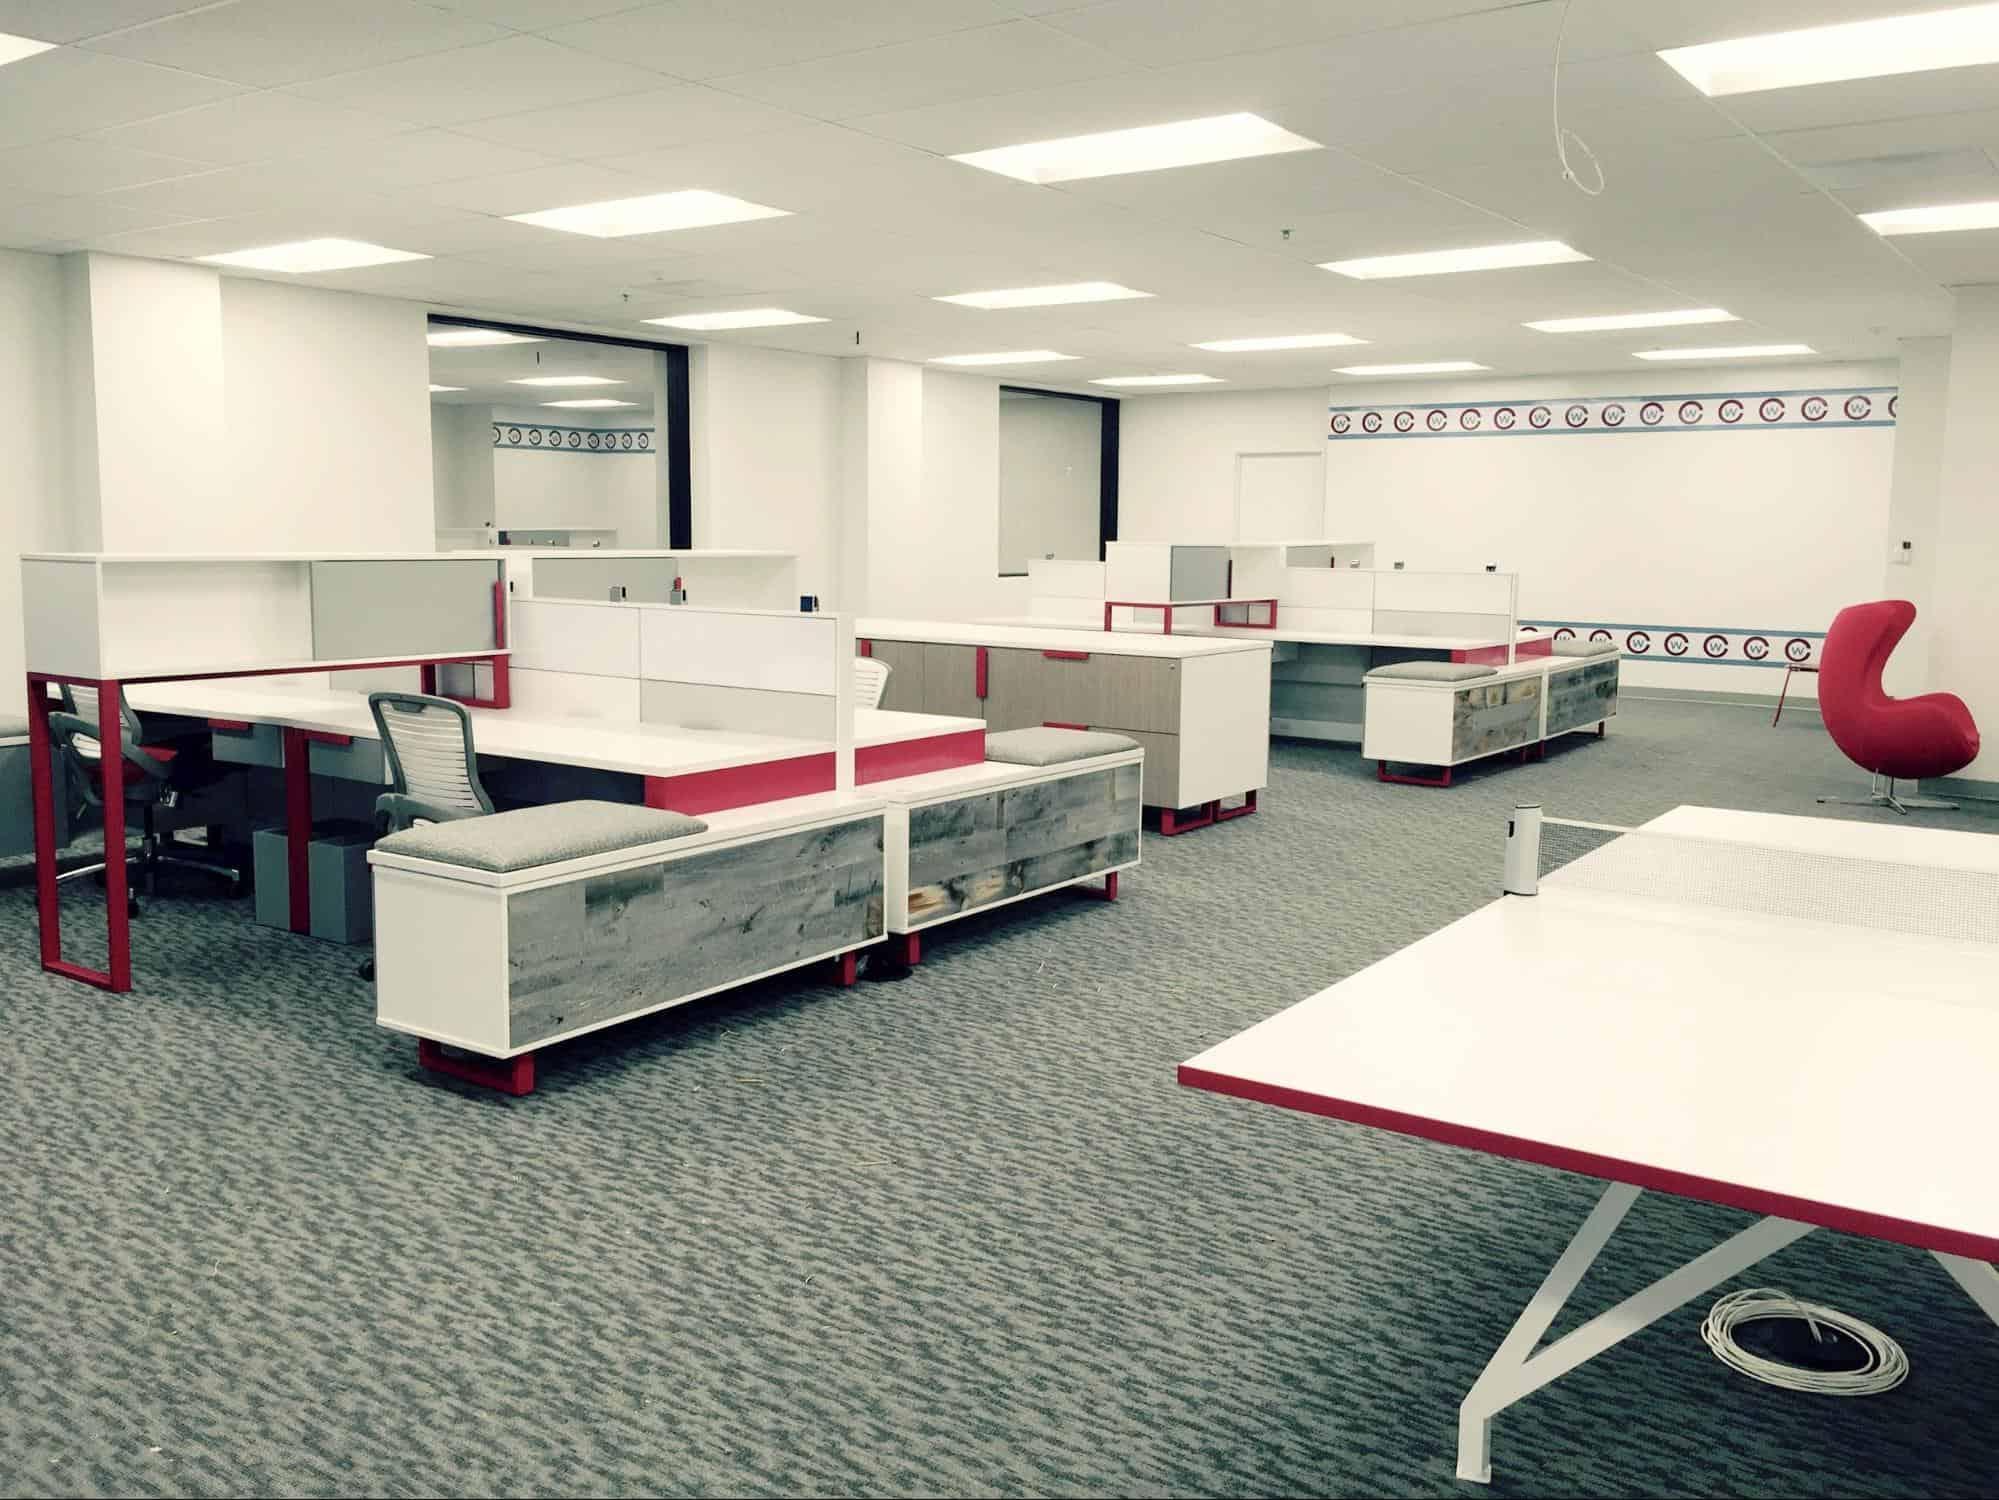 diseno-de-espacio-de-trabajo-de-oficina-basado-en-actividades